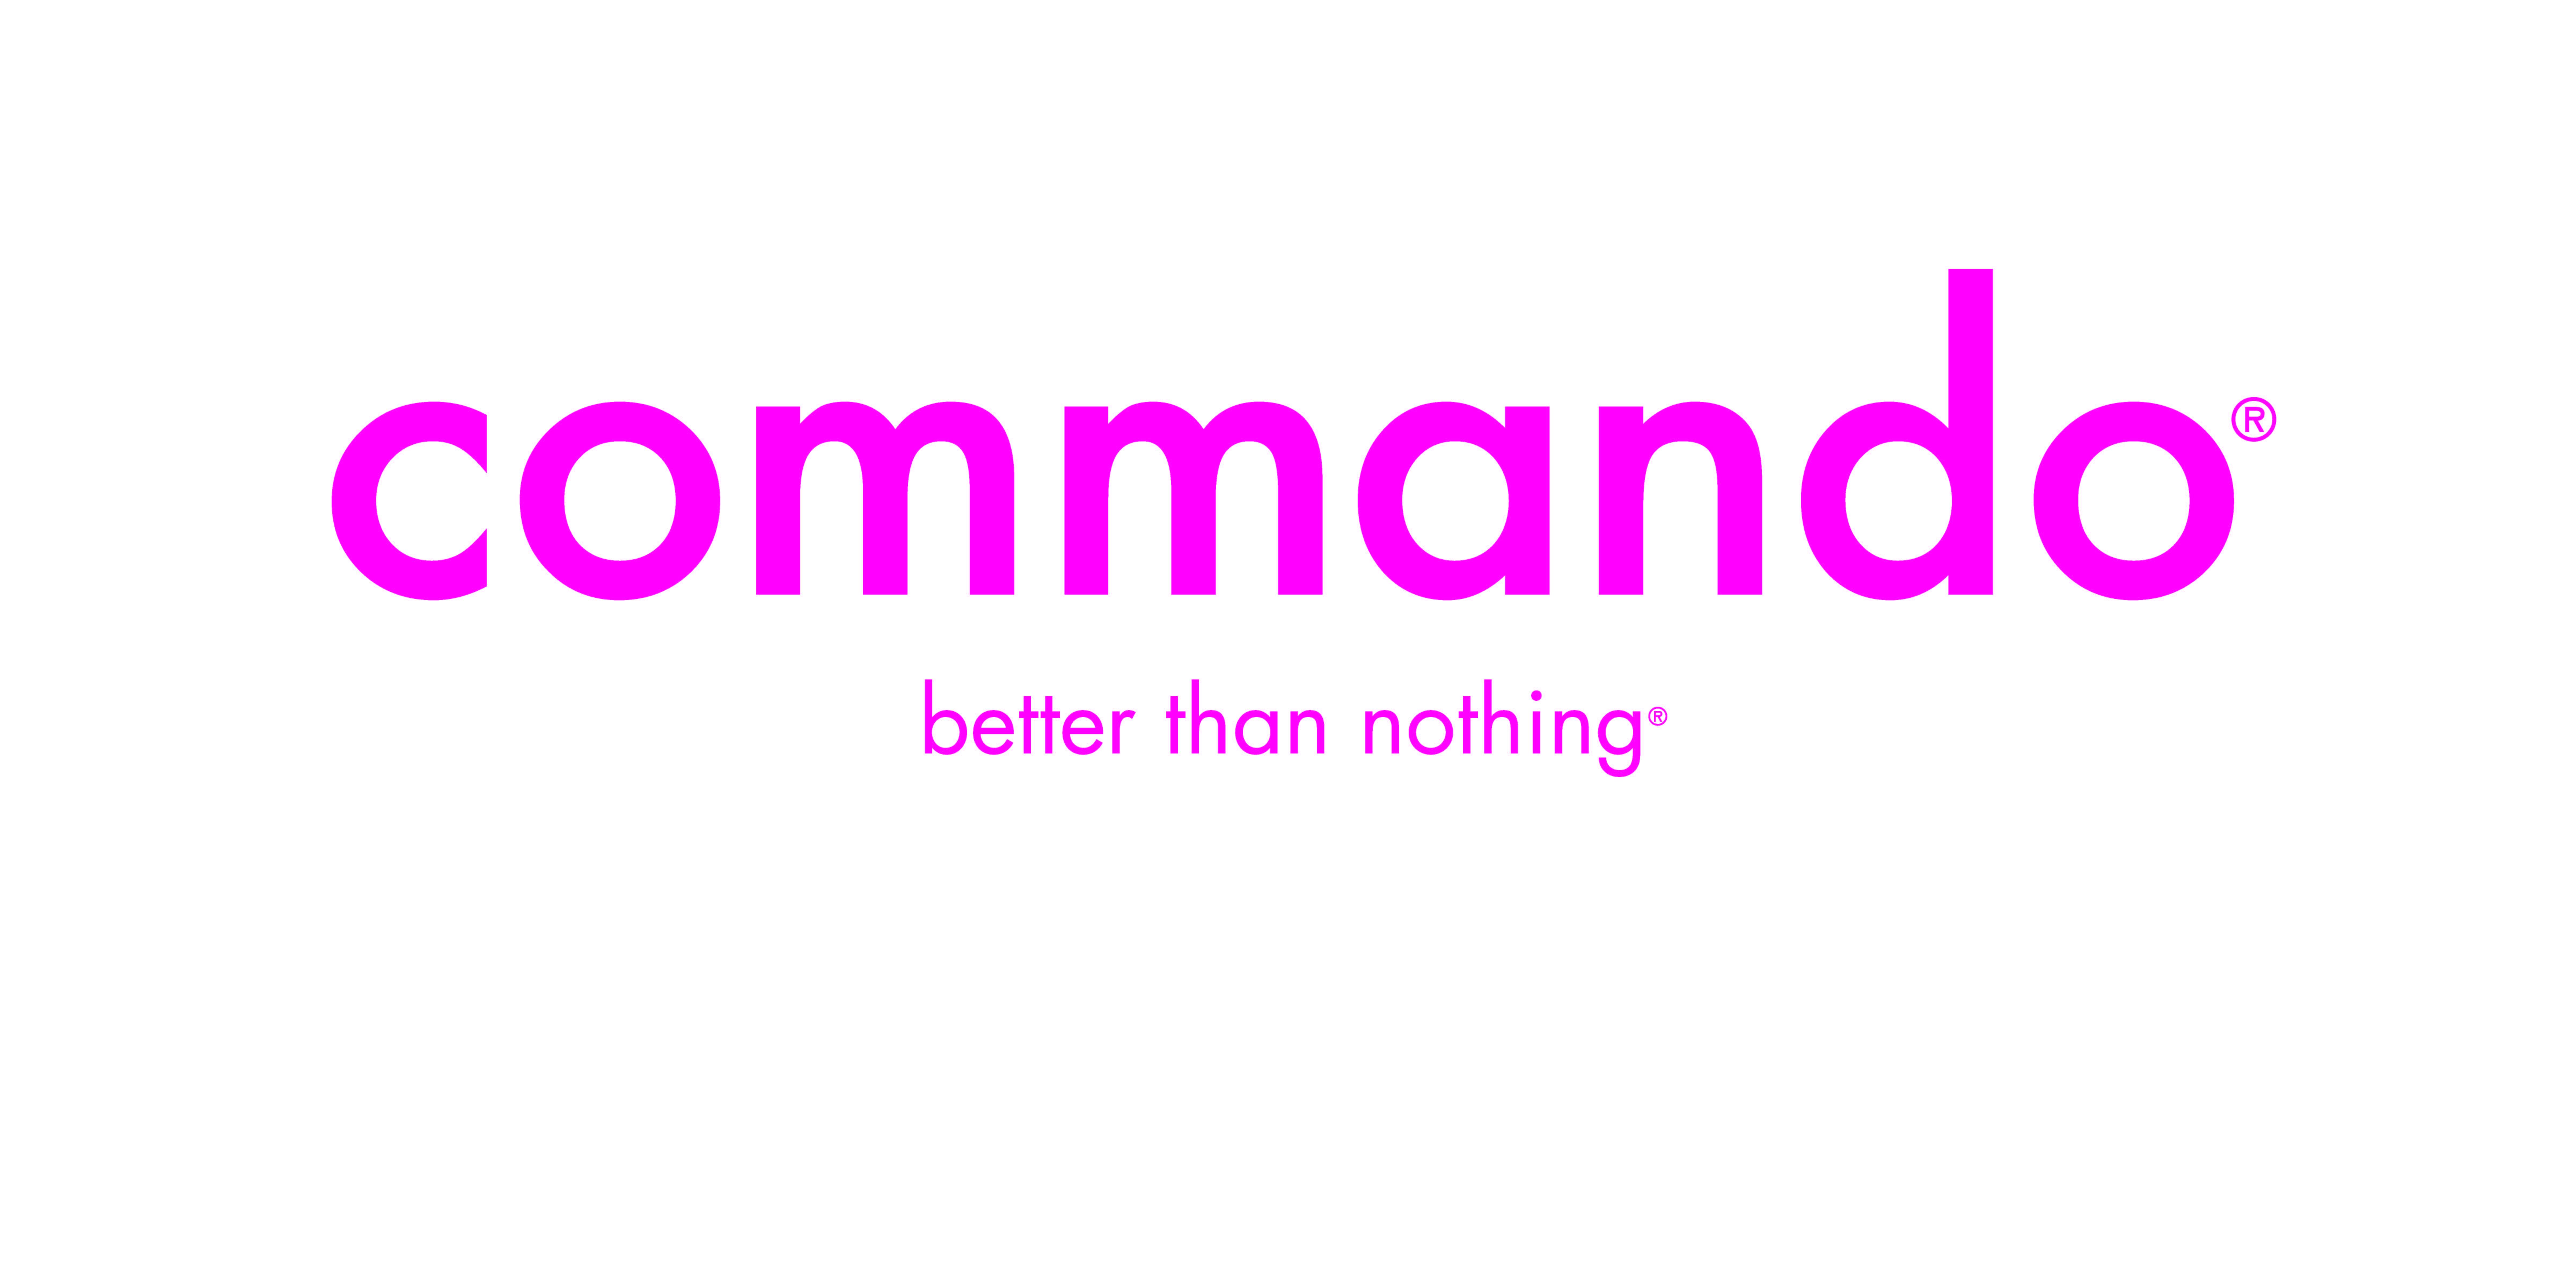 c820cd311c94 Commando (company) - Wikipedia